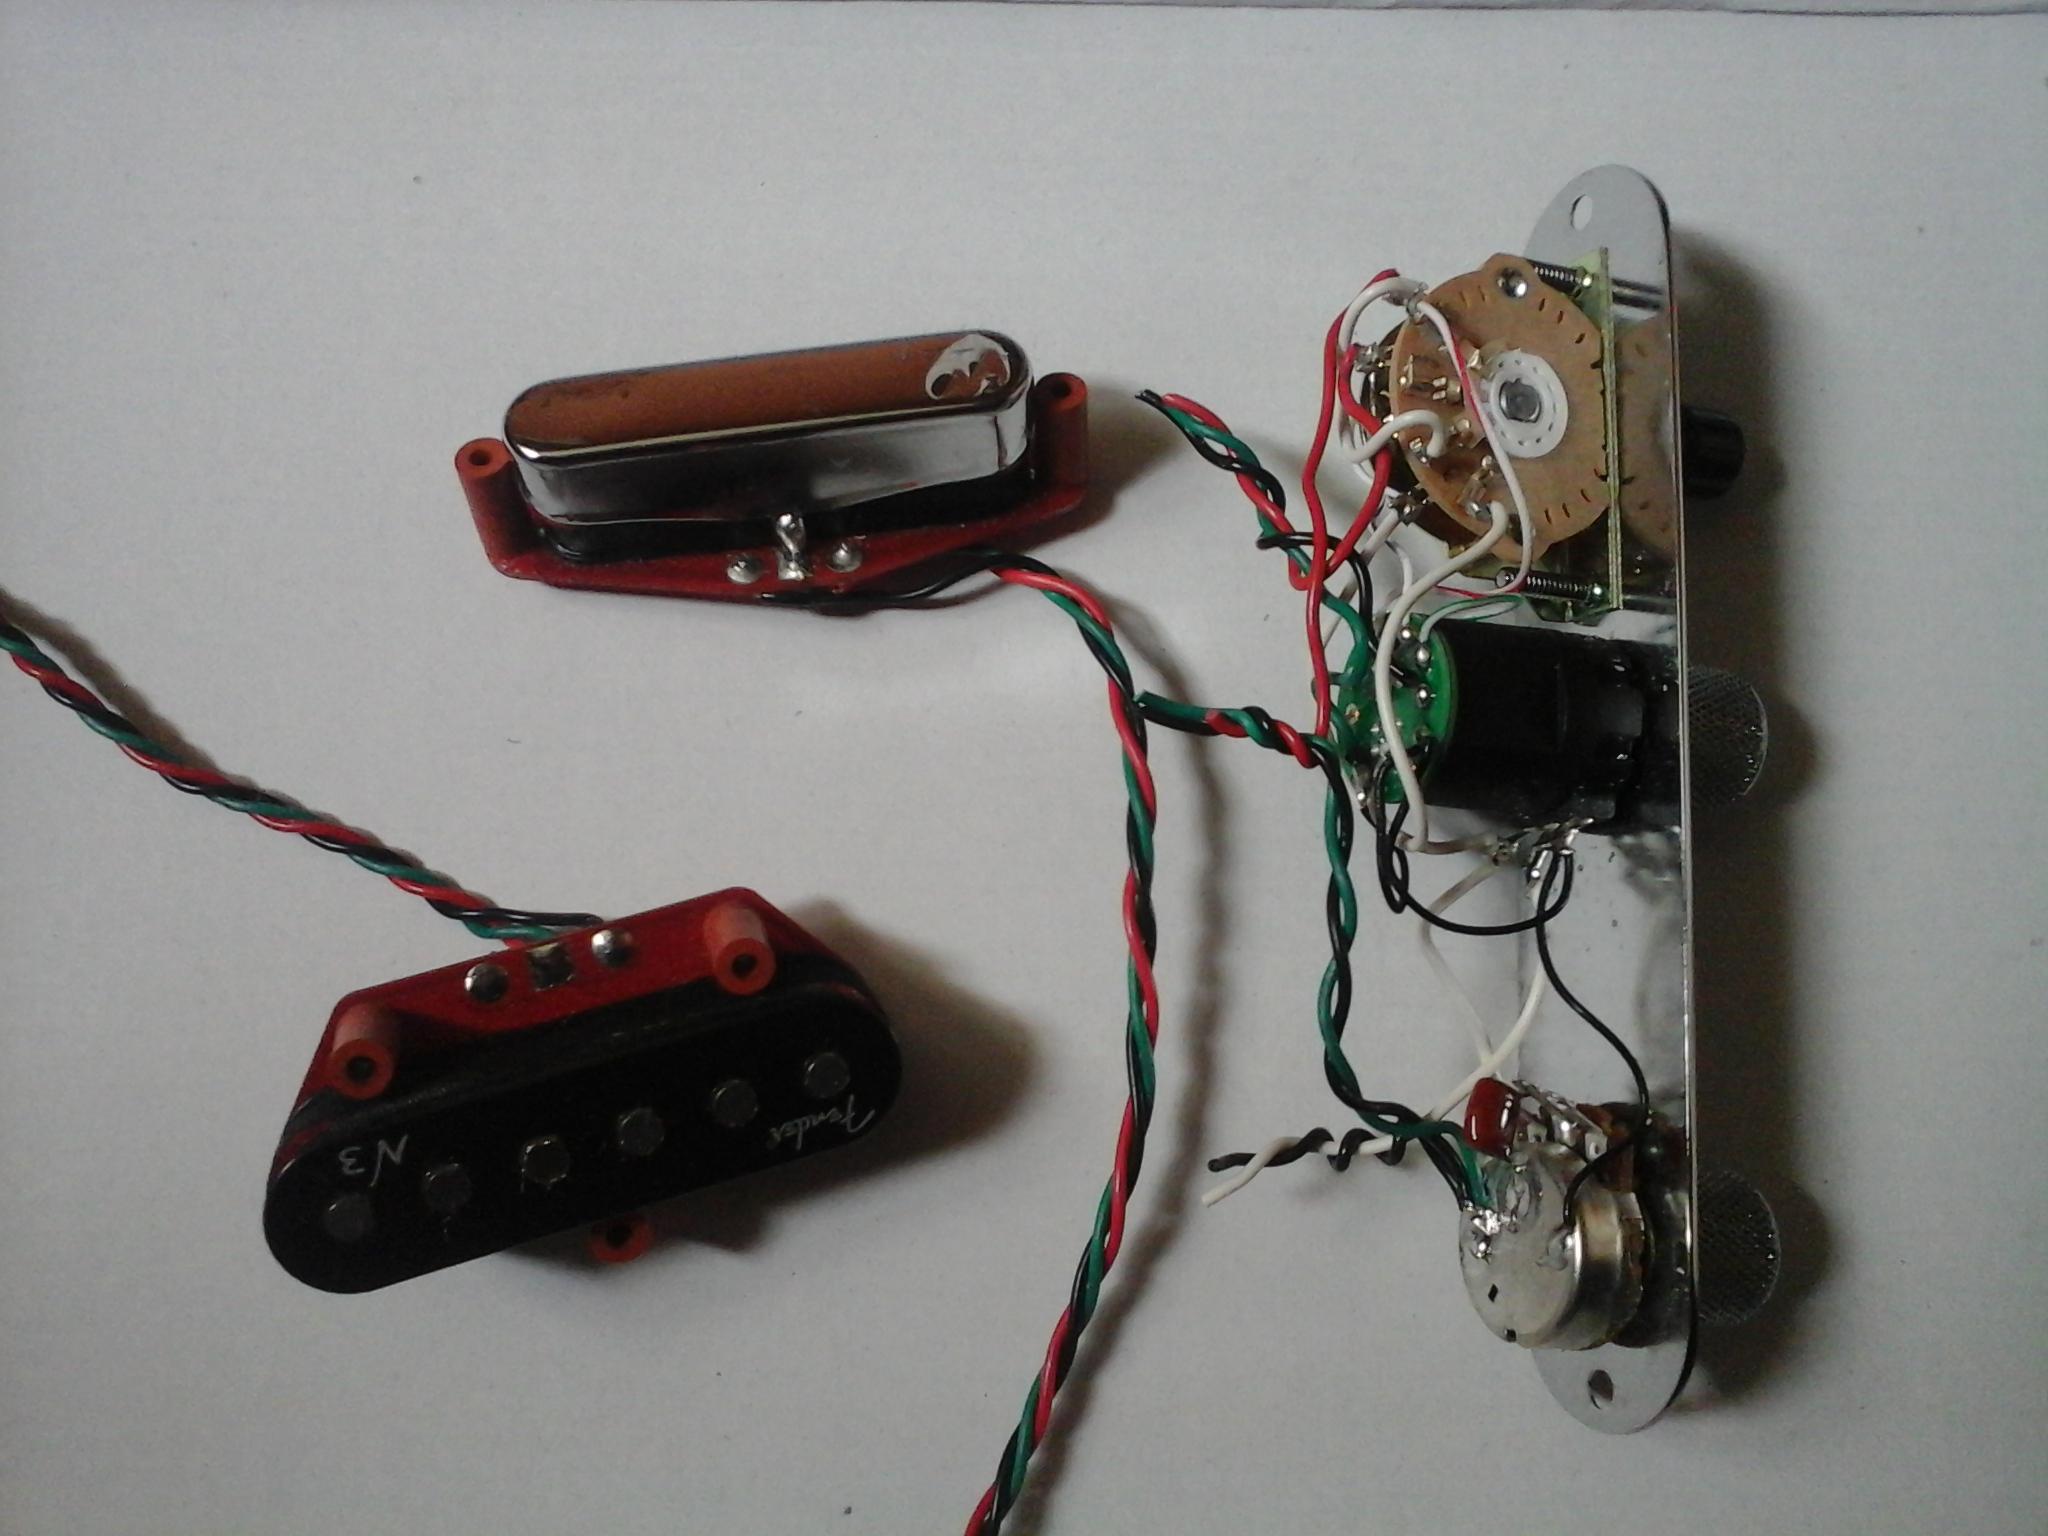 Wiring Diagram For Fender Noiseless Pickups : Fender tex mex pickup wiring diagram stratocaster